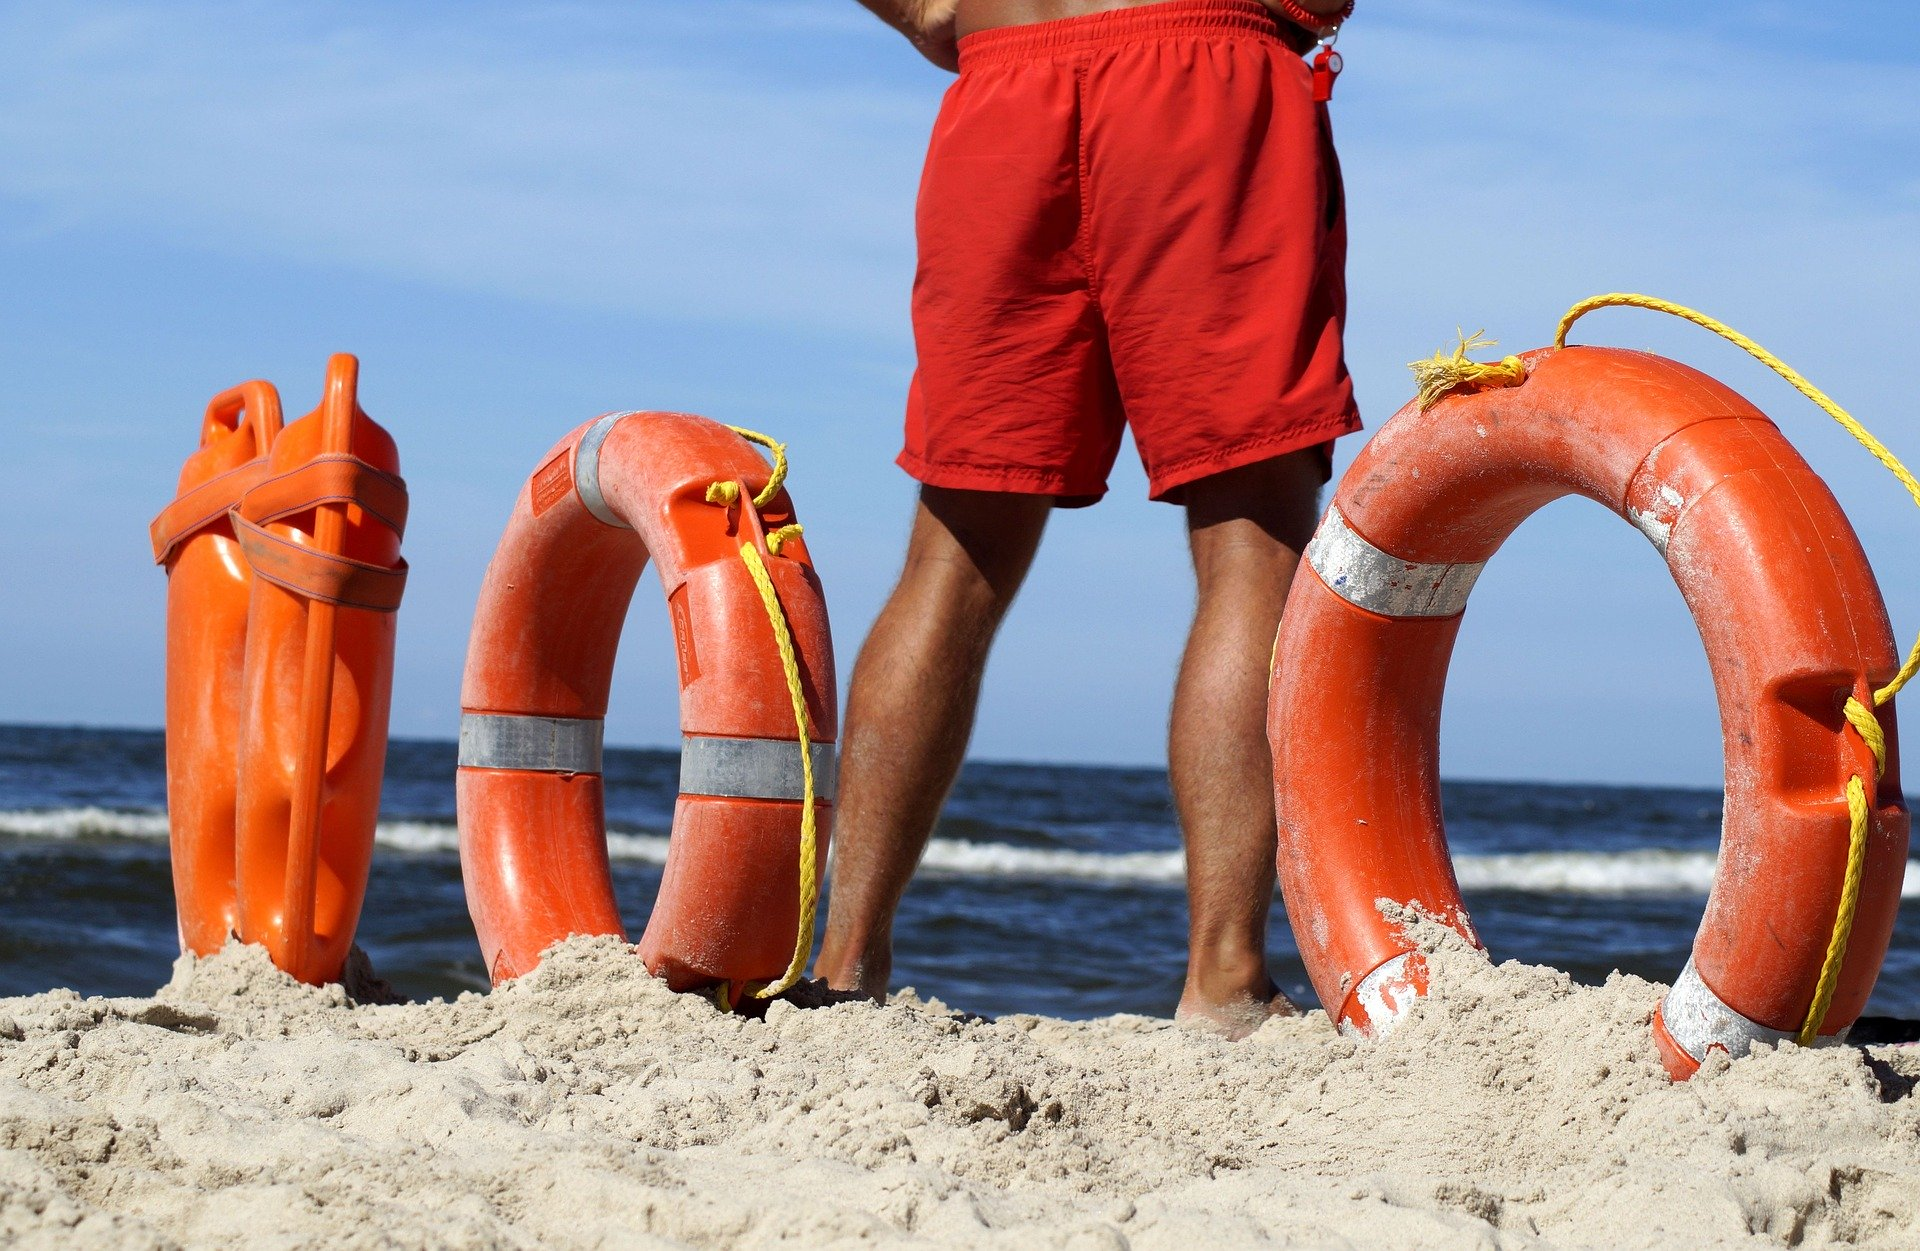 Rusza konkurs dotyczący bezpieczeństwa nad wodą - Zdjęcie główne